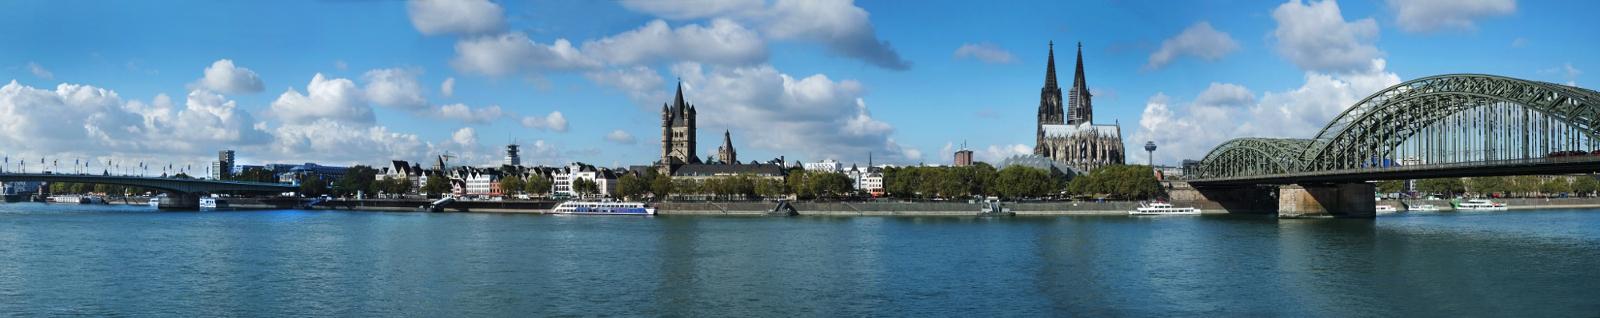 Köln Panorama ©KoelnTourismus GmbH, Foto: Dieter Jacobi